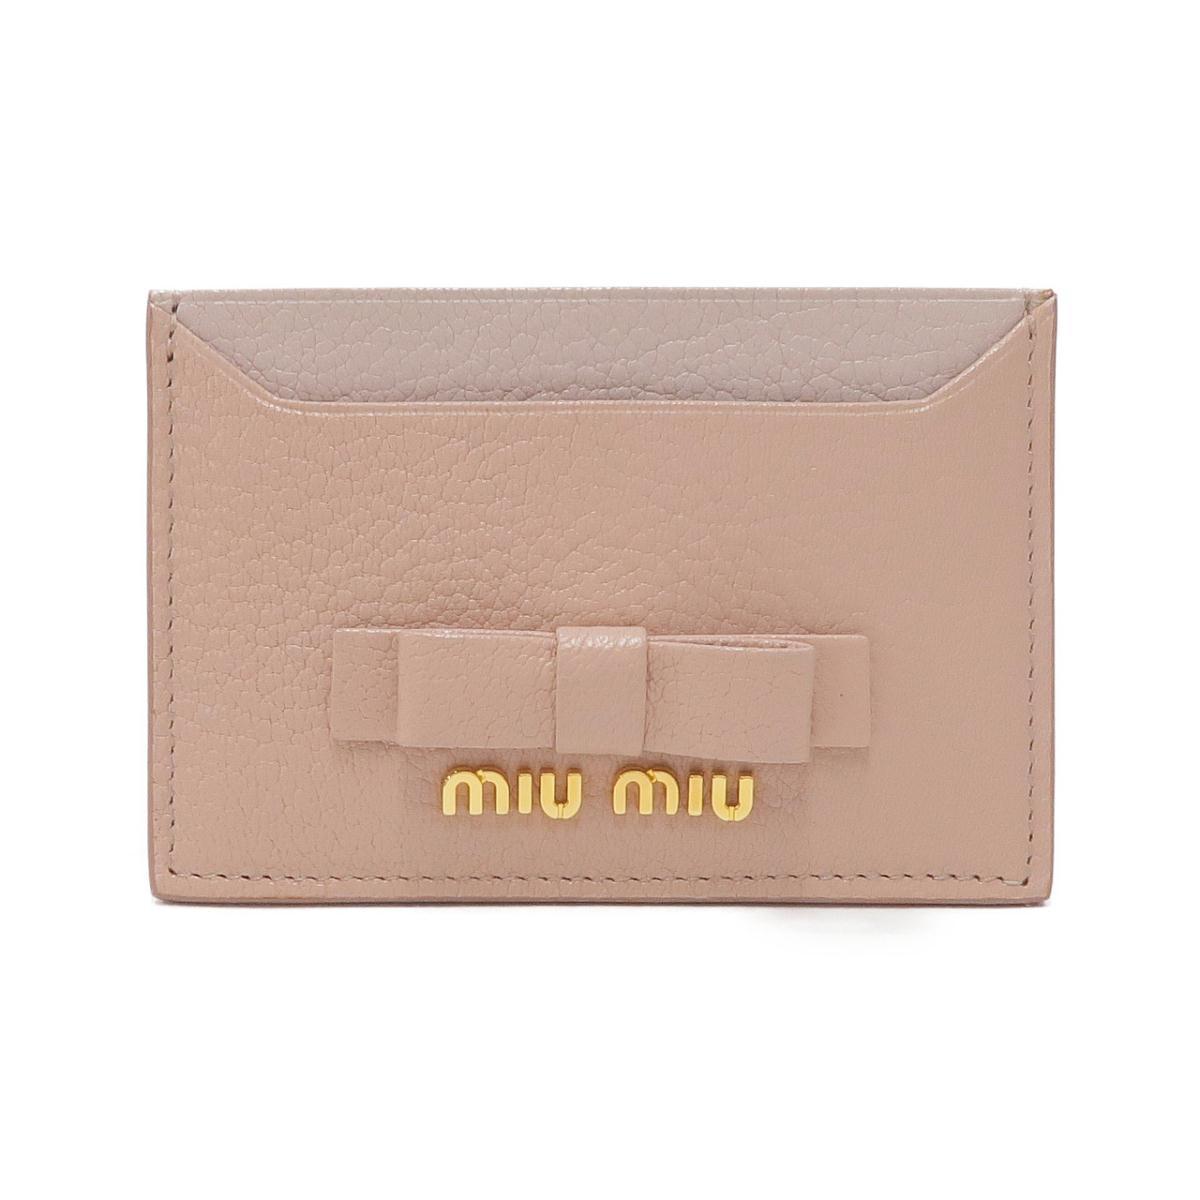 ミュウミュウ カードケース 贈答品 5MC208 アウトレットセール 特集 中古